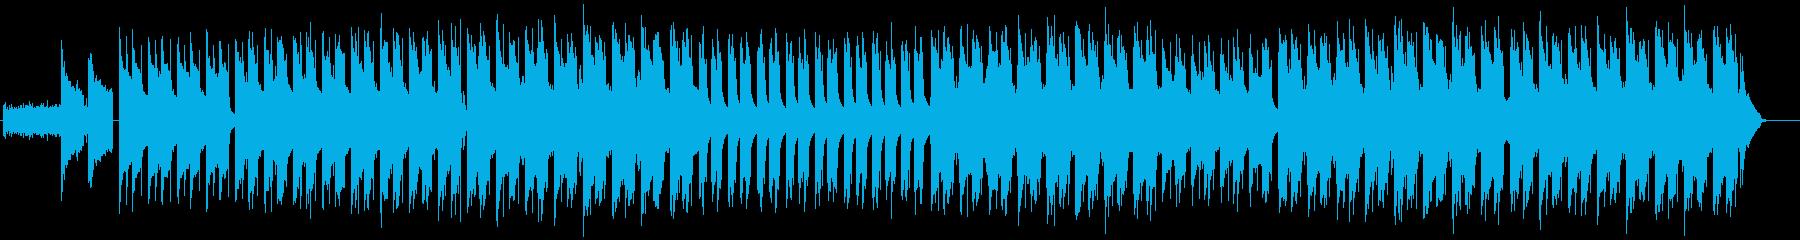 ゲーム 大会 ヒップホップの再生済みの波形